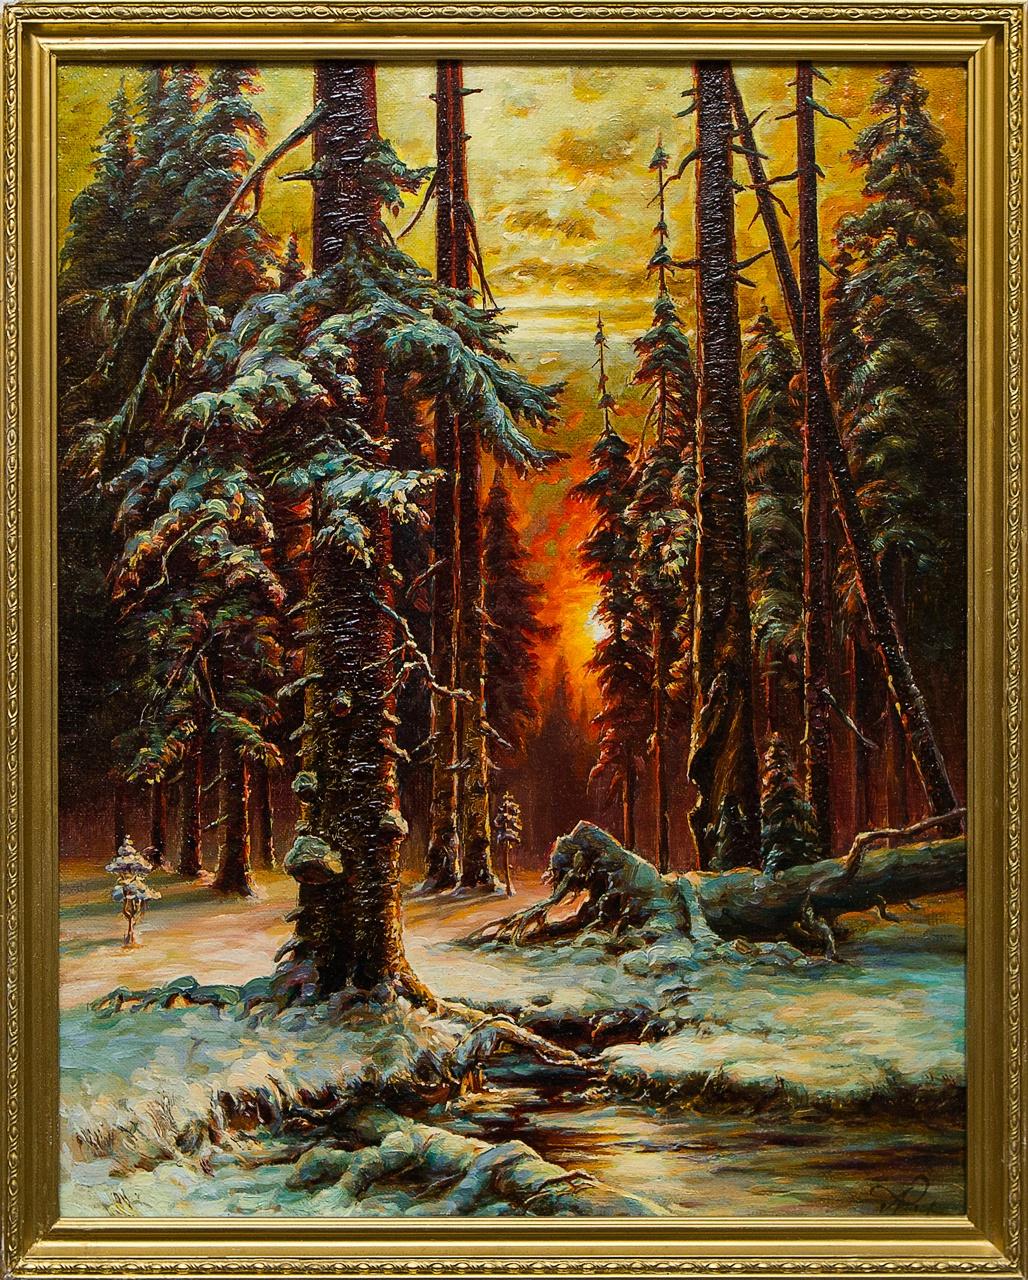 Картина маслом Зимний закат в еловом лесу Григорьев ю гладкий ал григорьев в ягья горизонты ойкумены